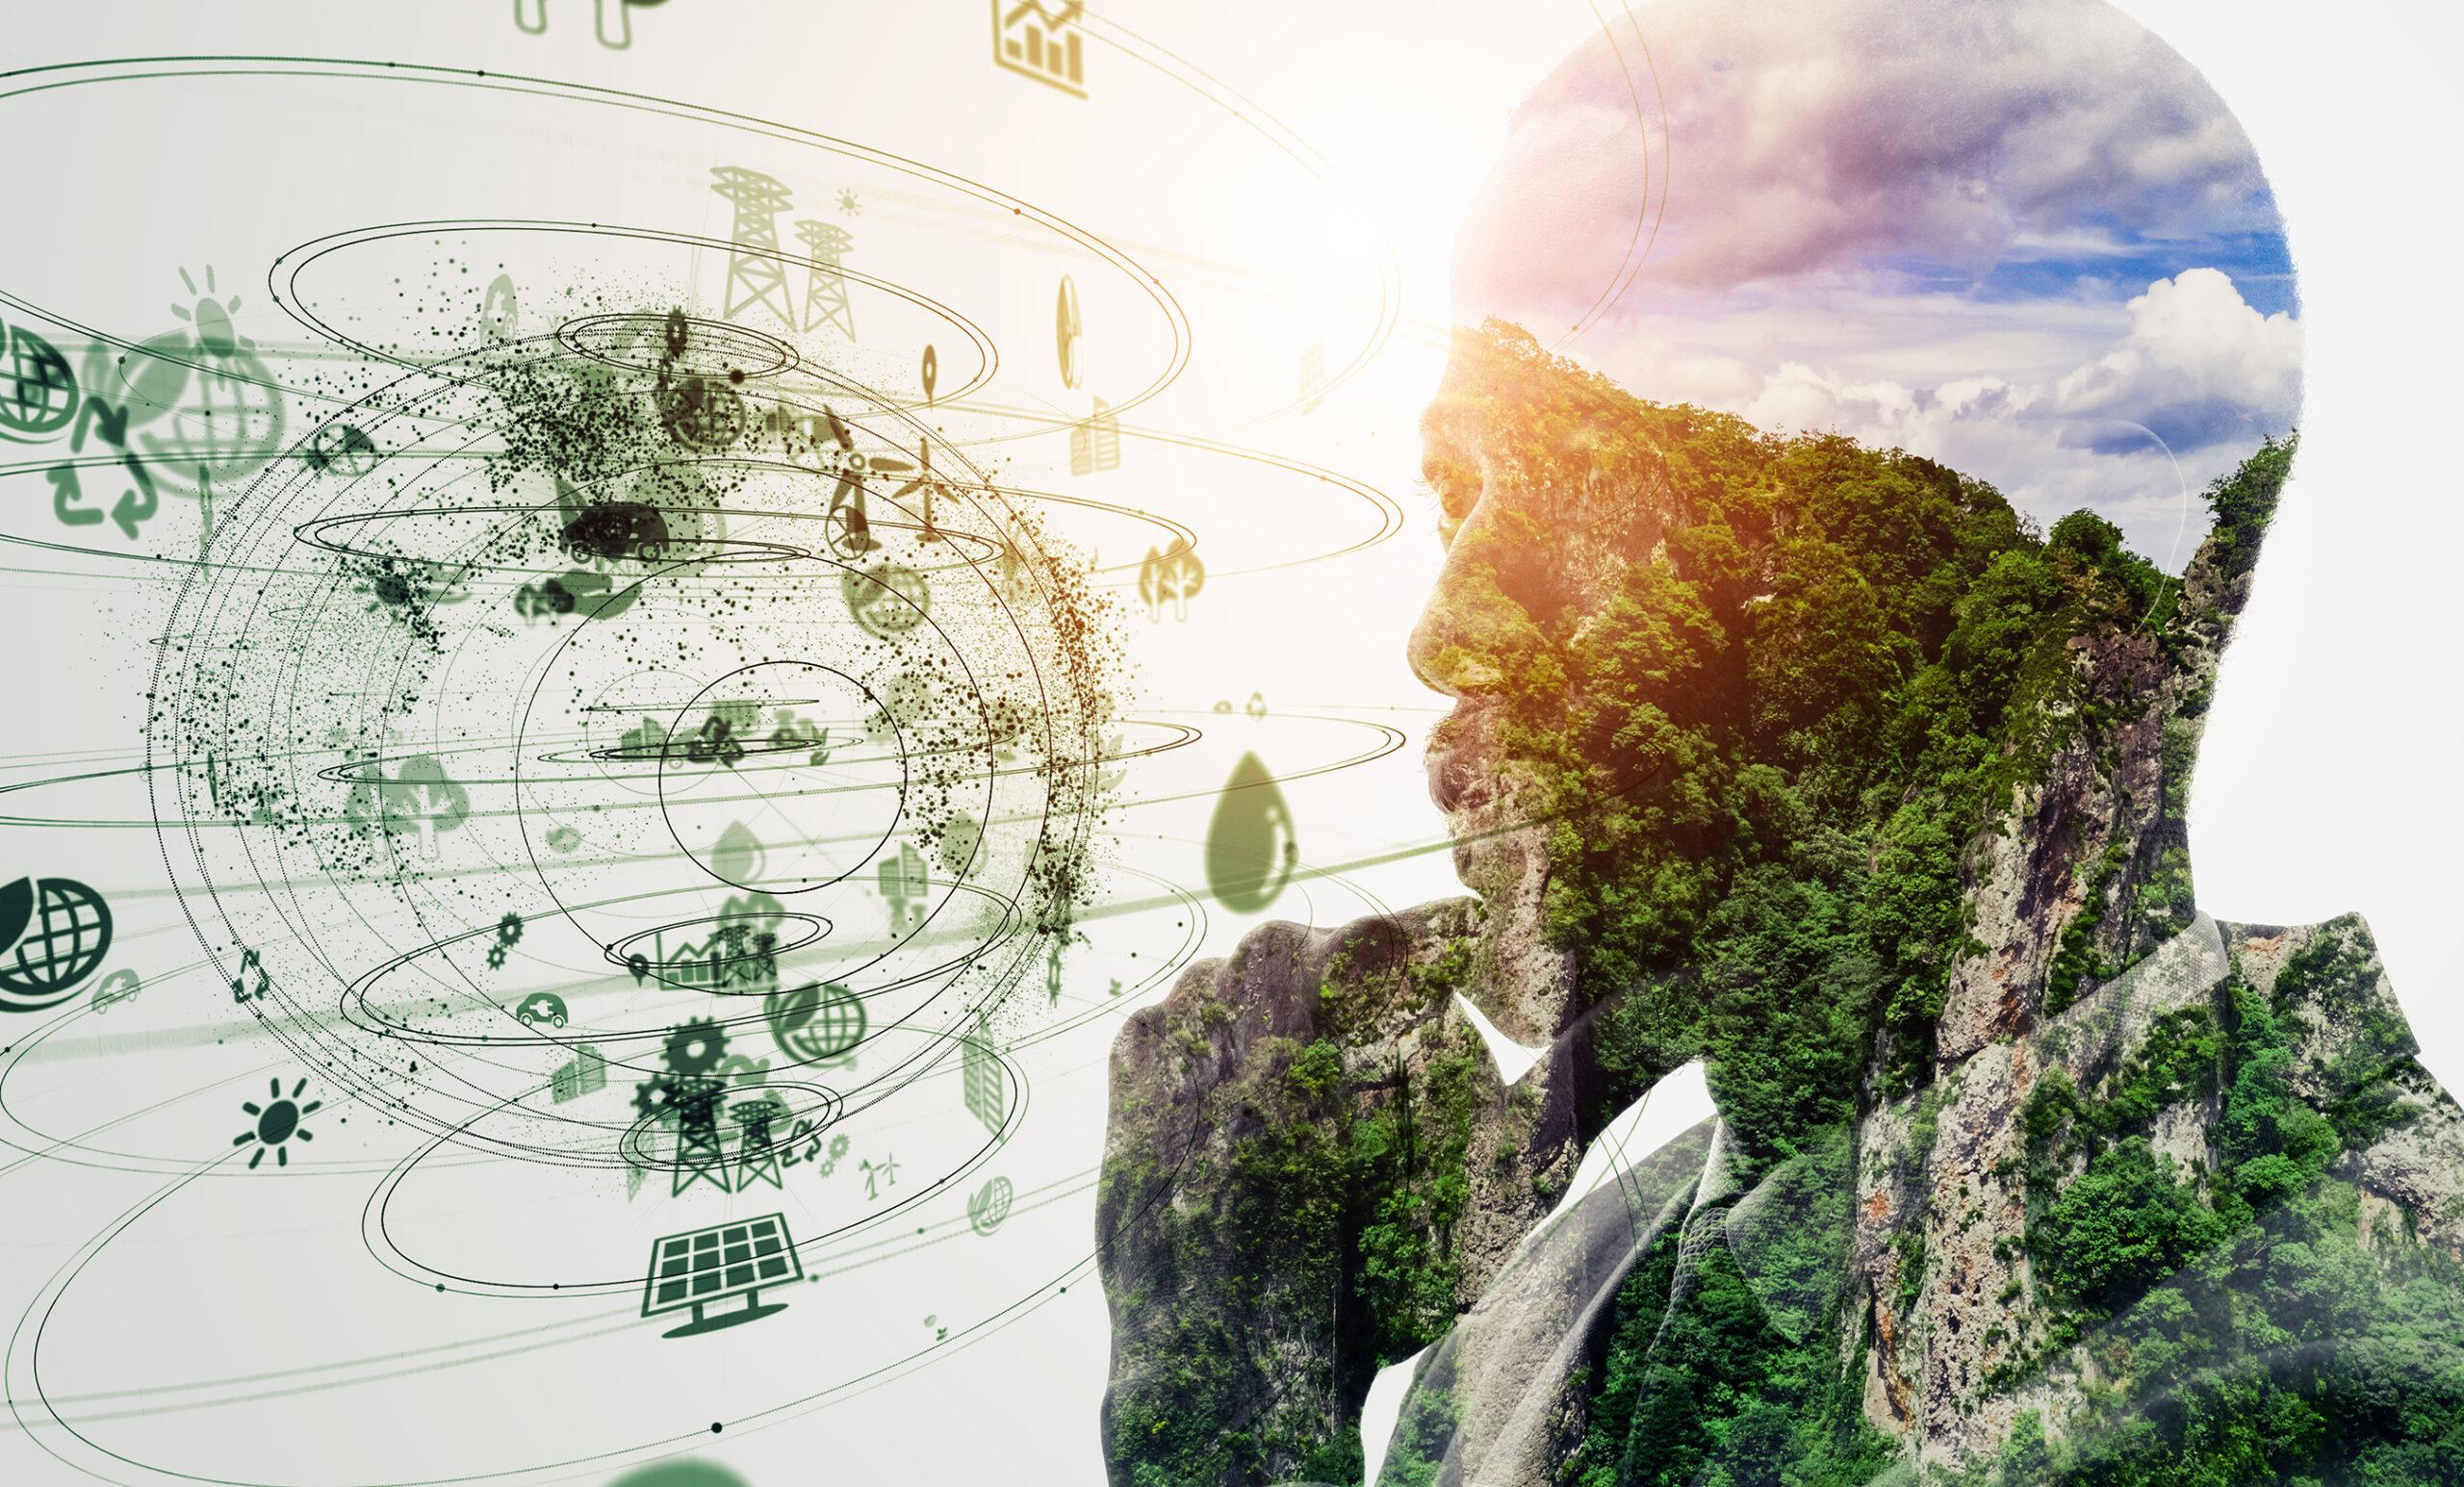 Aveva busca emisiones netas de carbono cero para el 2050